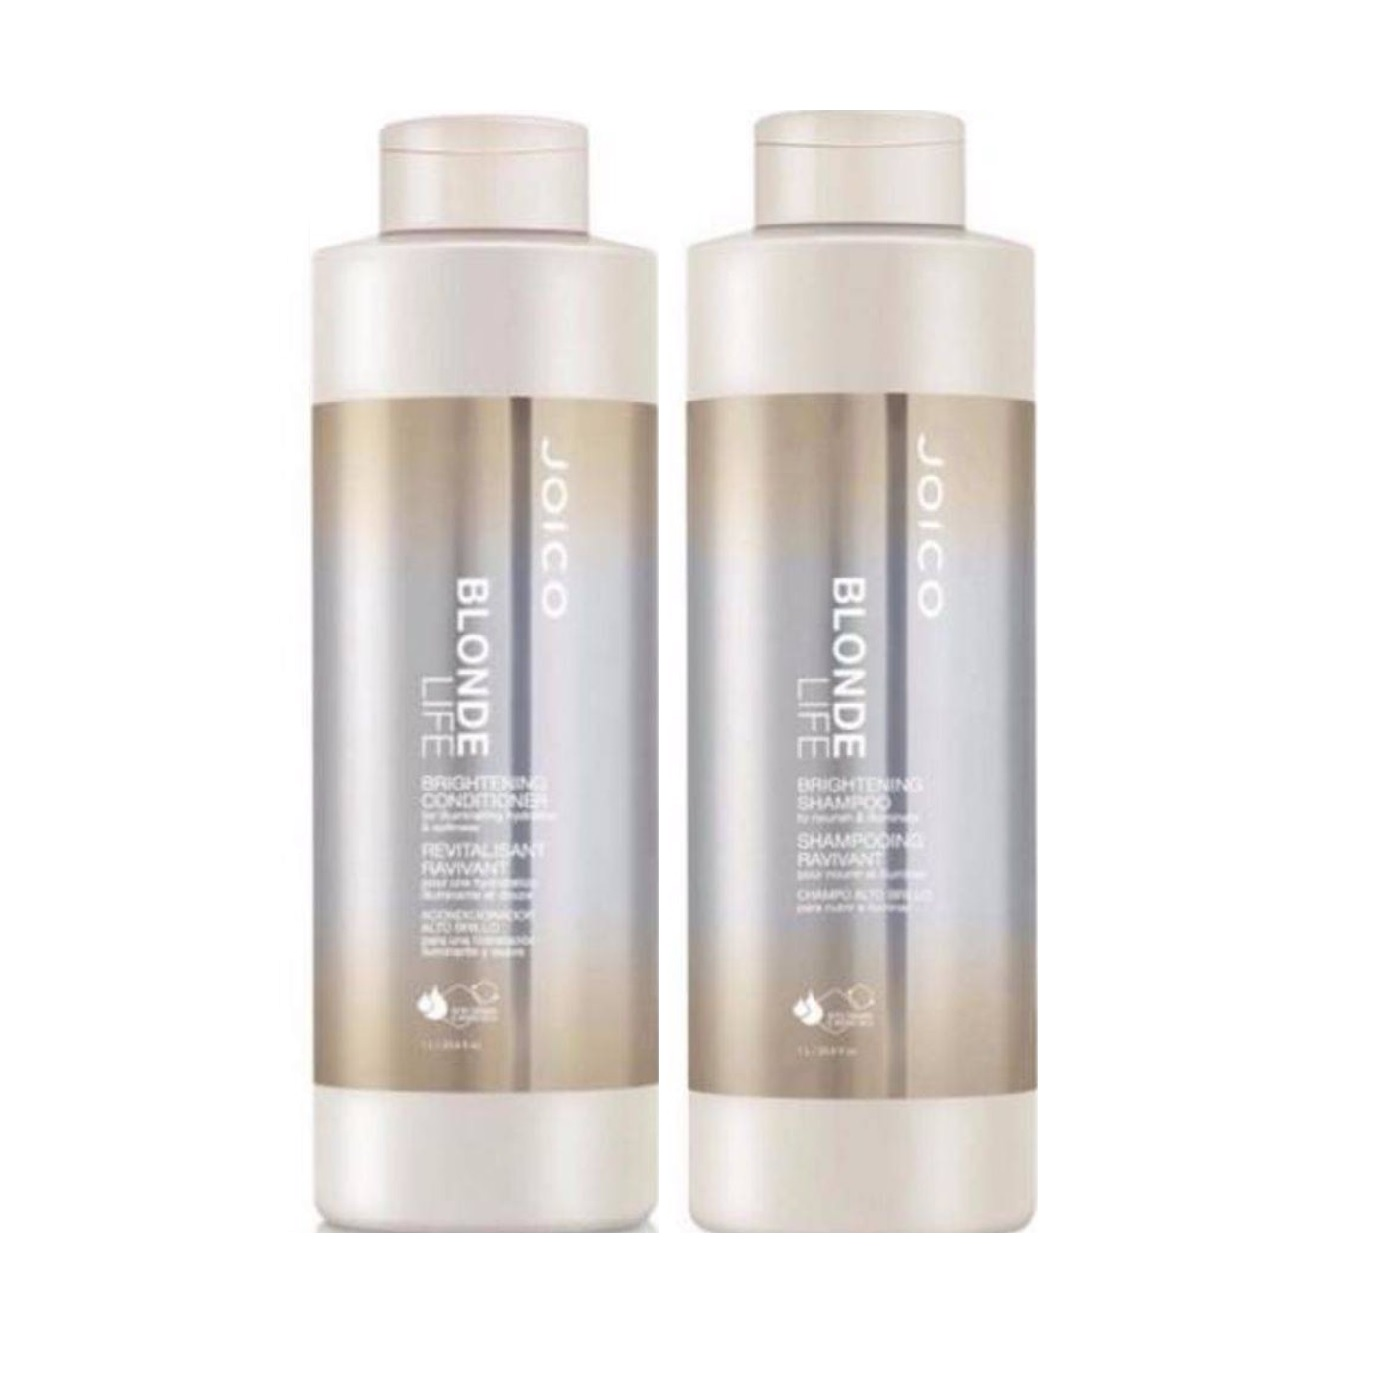 Kit Blonde Life (Shampoo 1L + Condicionador 1L)